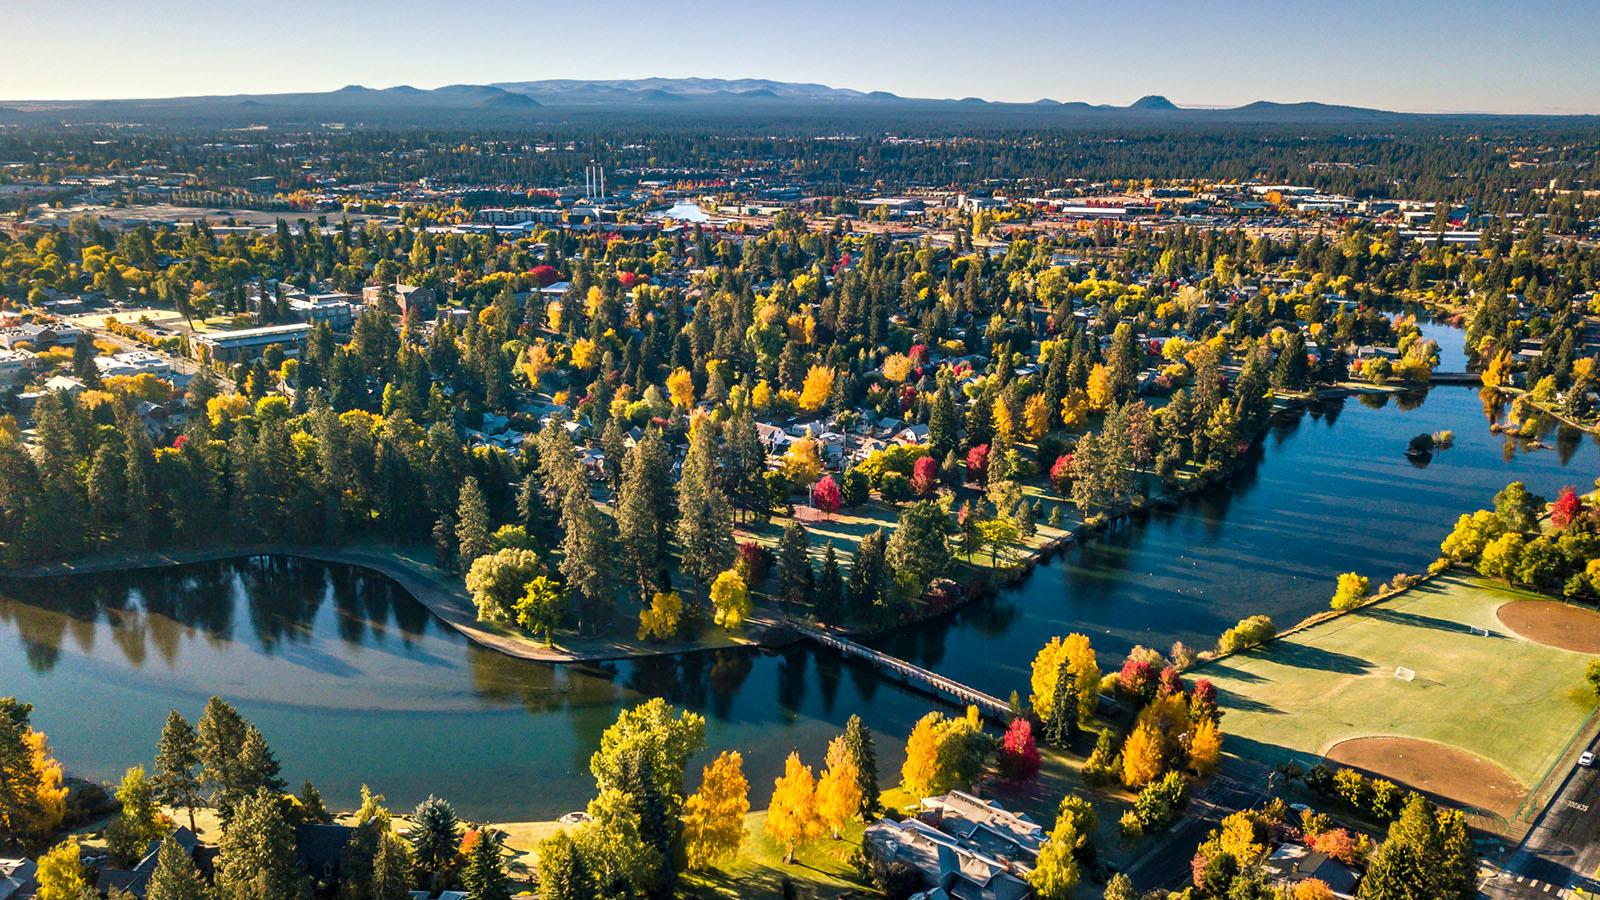 Central Oregon Area Maps - Bend Oregon Maps | Visit Bend - Printable Map Of Bend Or